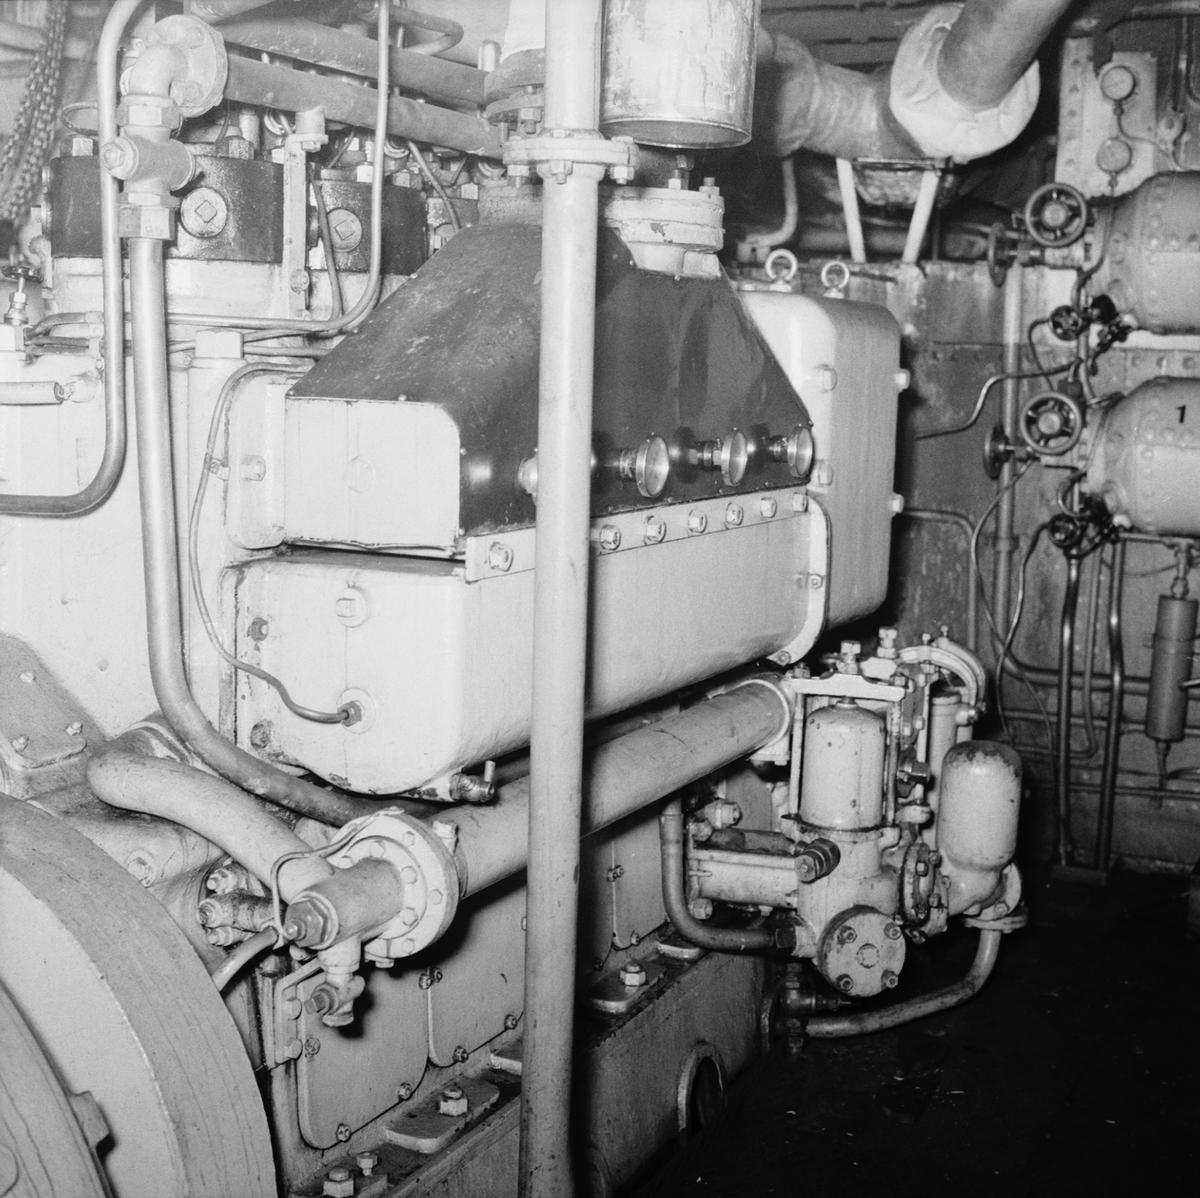 Fartyg: THULE                          Bredd över allt 15.0 meter Längd över allt 57.0 meter  Rederi: Svenska staten Byggår: 1953 Varv: Örlogsvarvet, Karlskrona Övrigt: Thules avgång efter översyn.